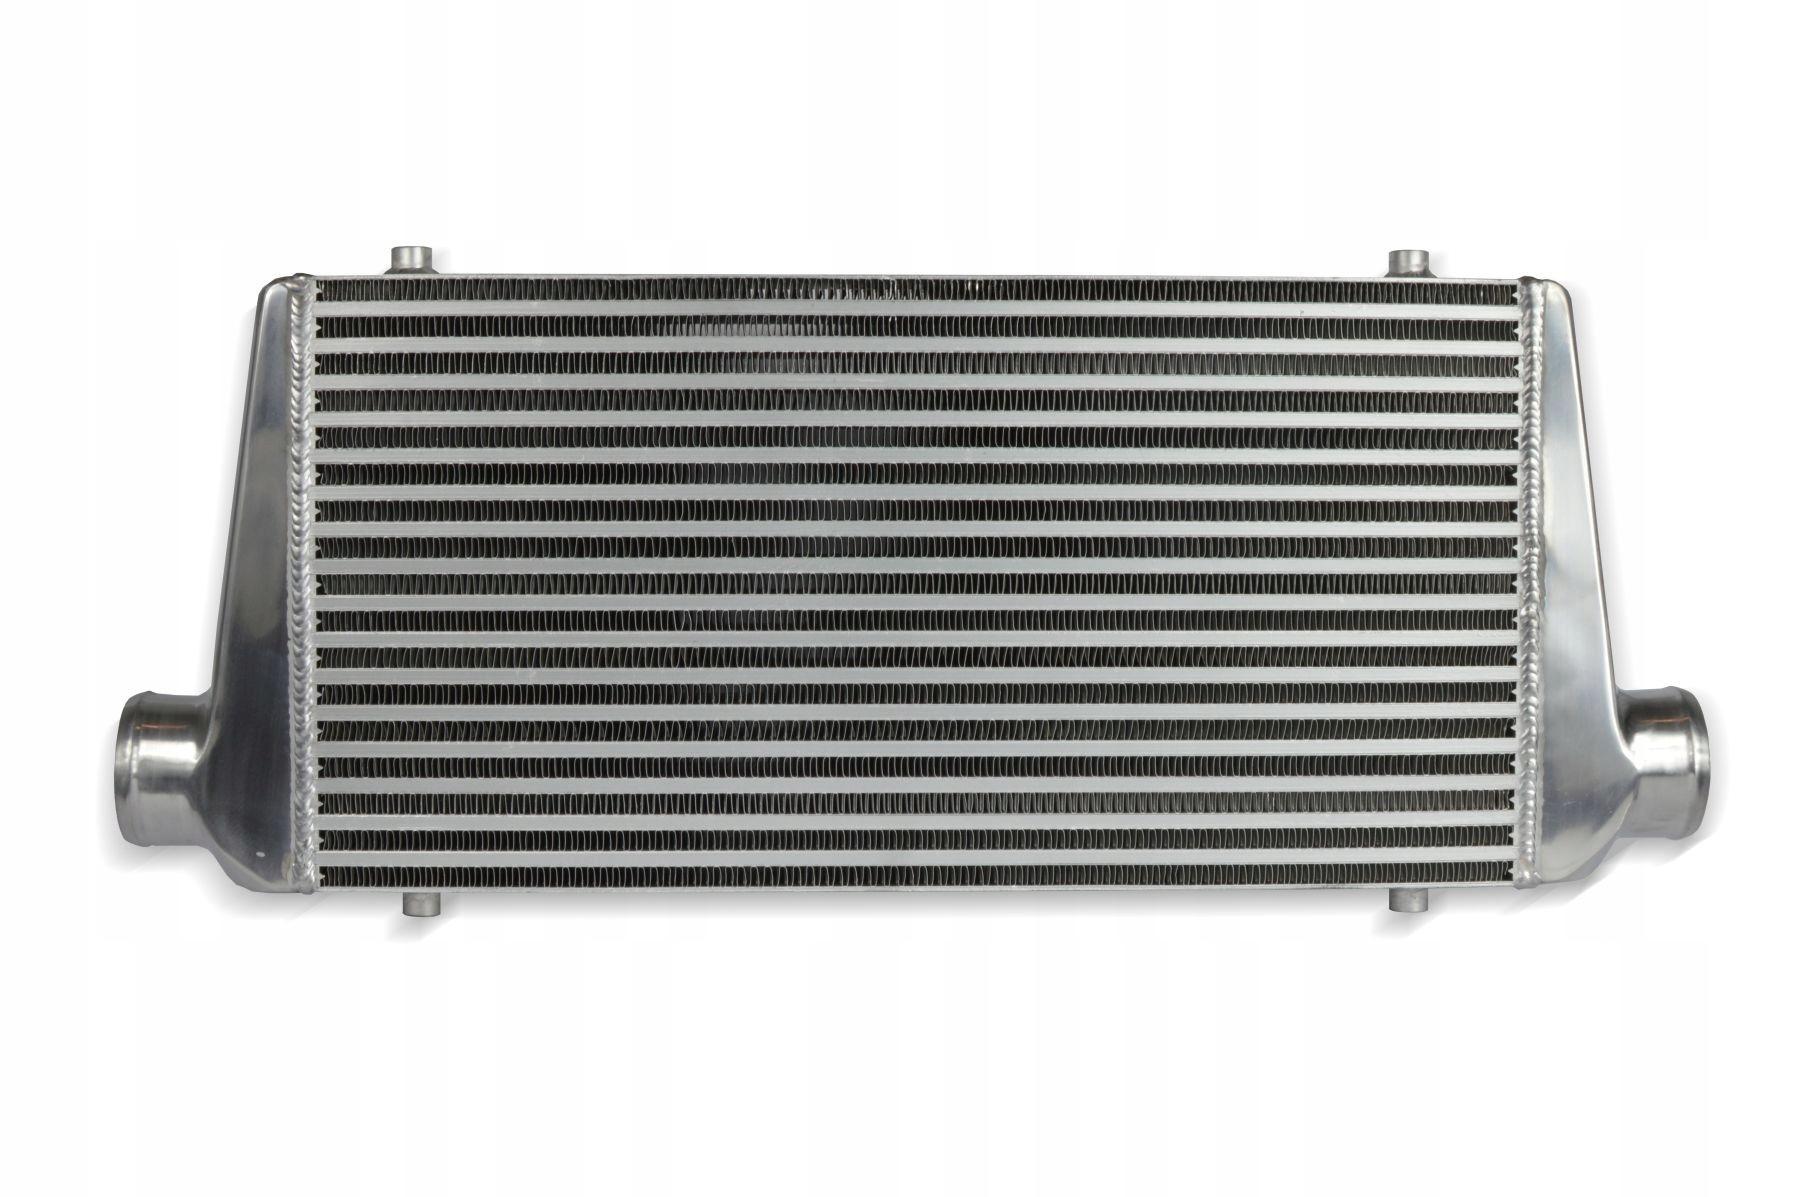 радиатор промежуточное 600x300x76mm модель 2020